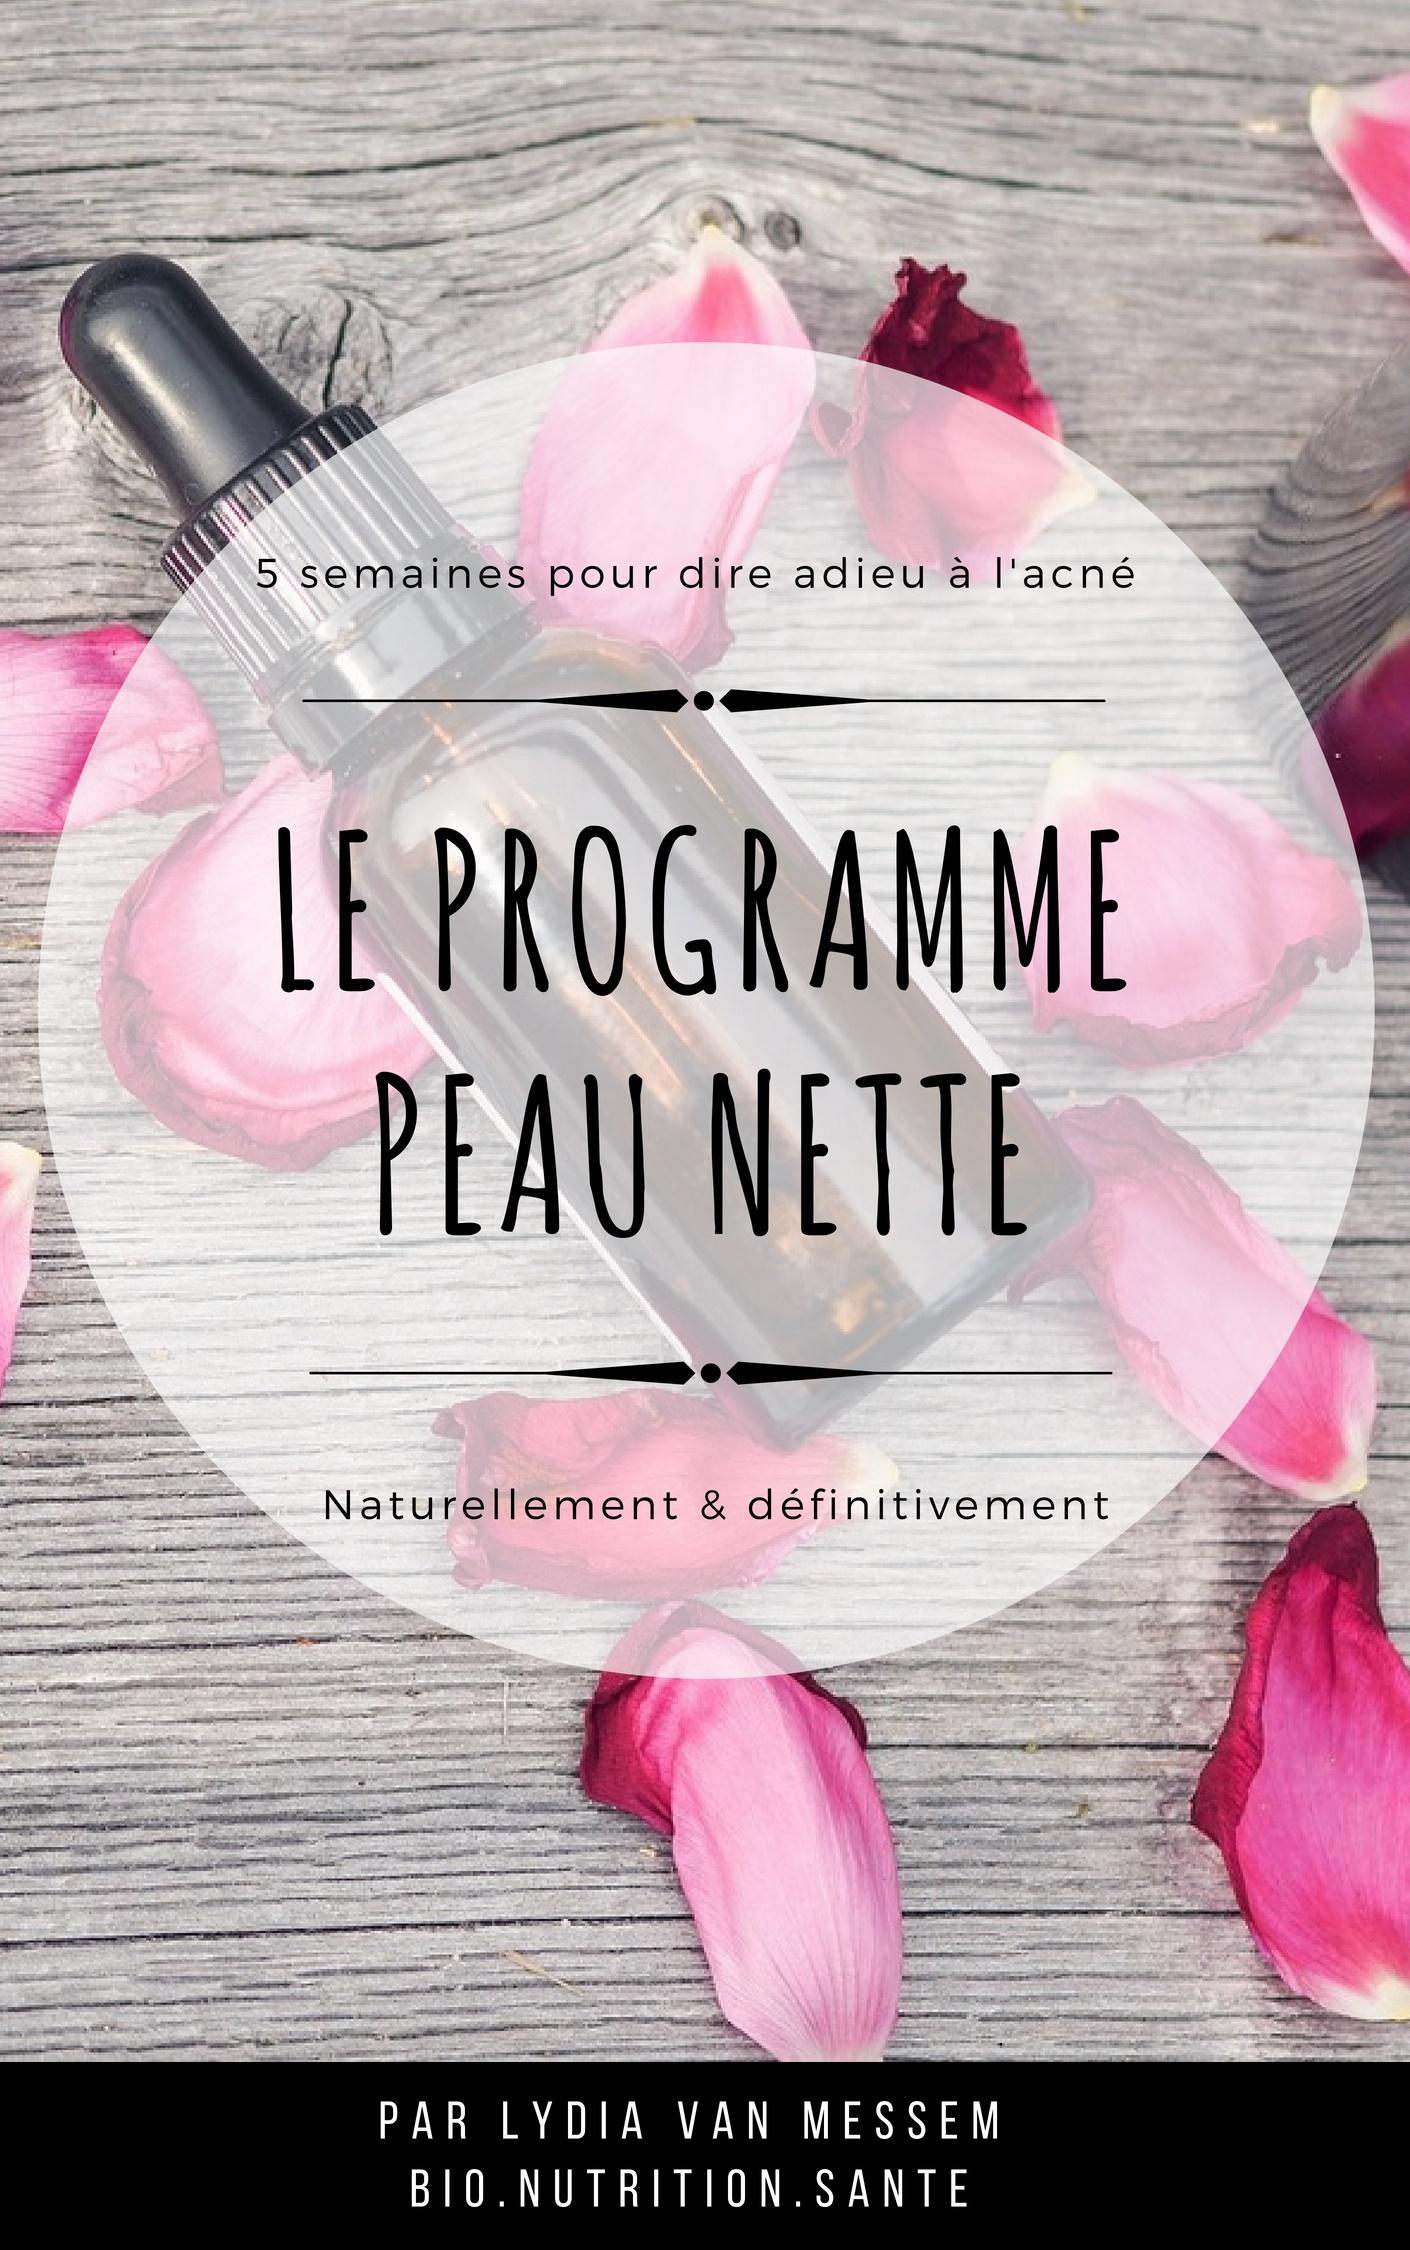 LE PROGRAMMEPEAU NETTE - Le programme d'alimentation santé et soins au naturel pour dire adieu à l'acné et aux boutons en 5 semaines